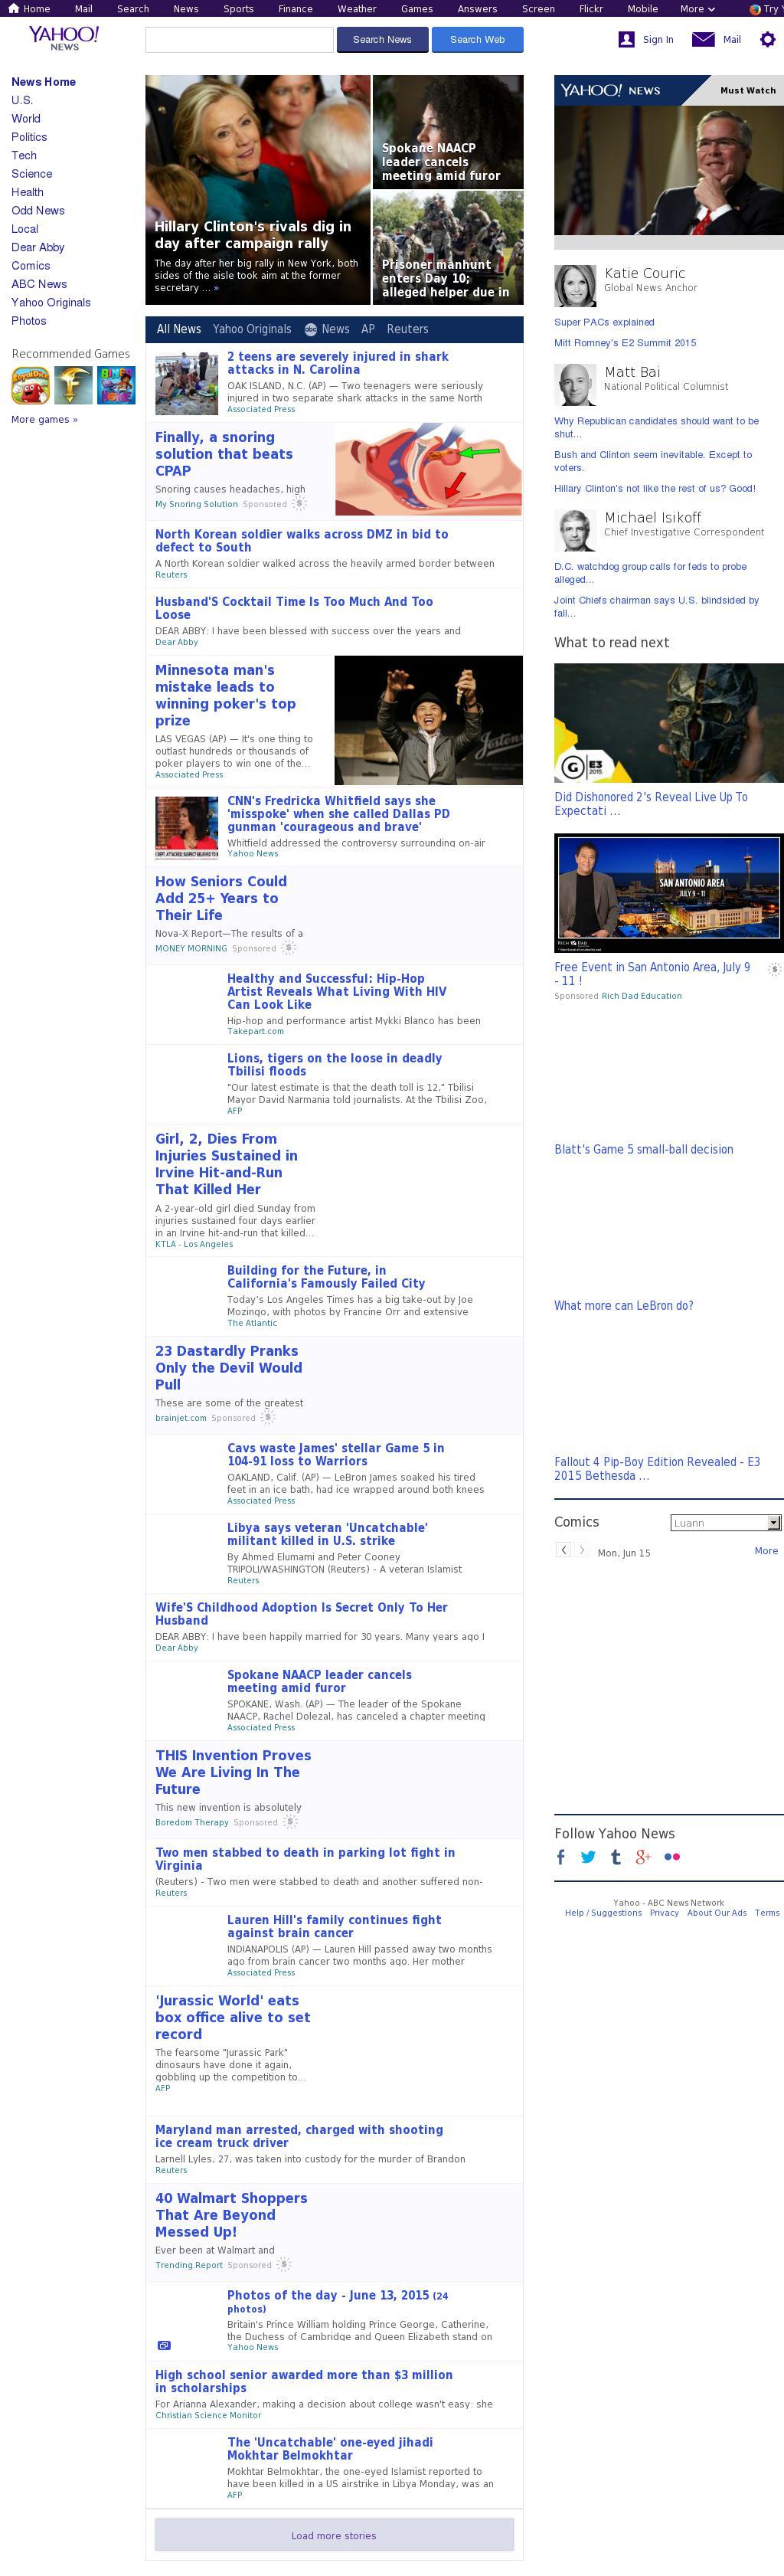 Yahoo! News at Monday June 15, 2015, 6:40 a.m. UTC